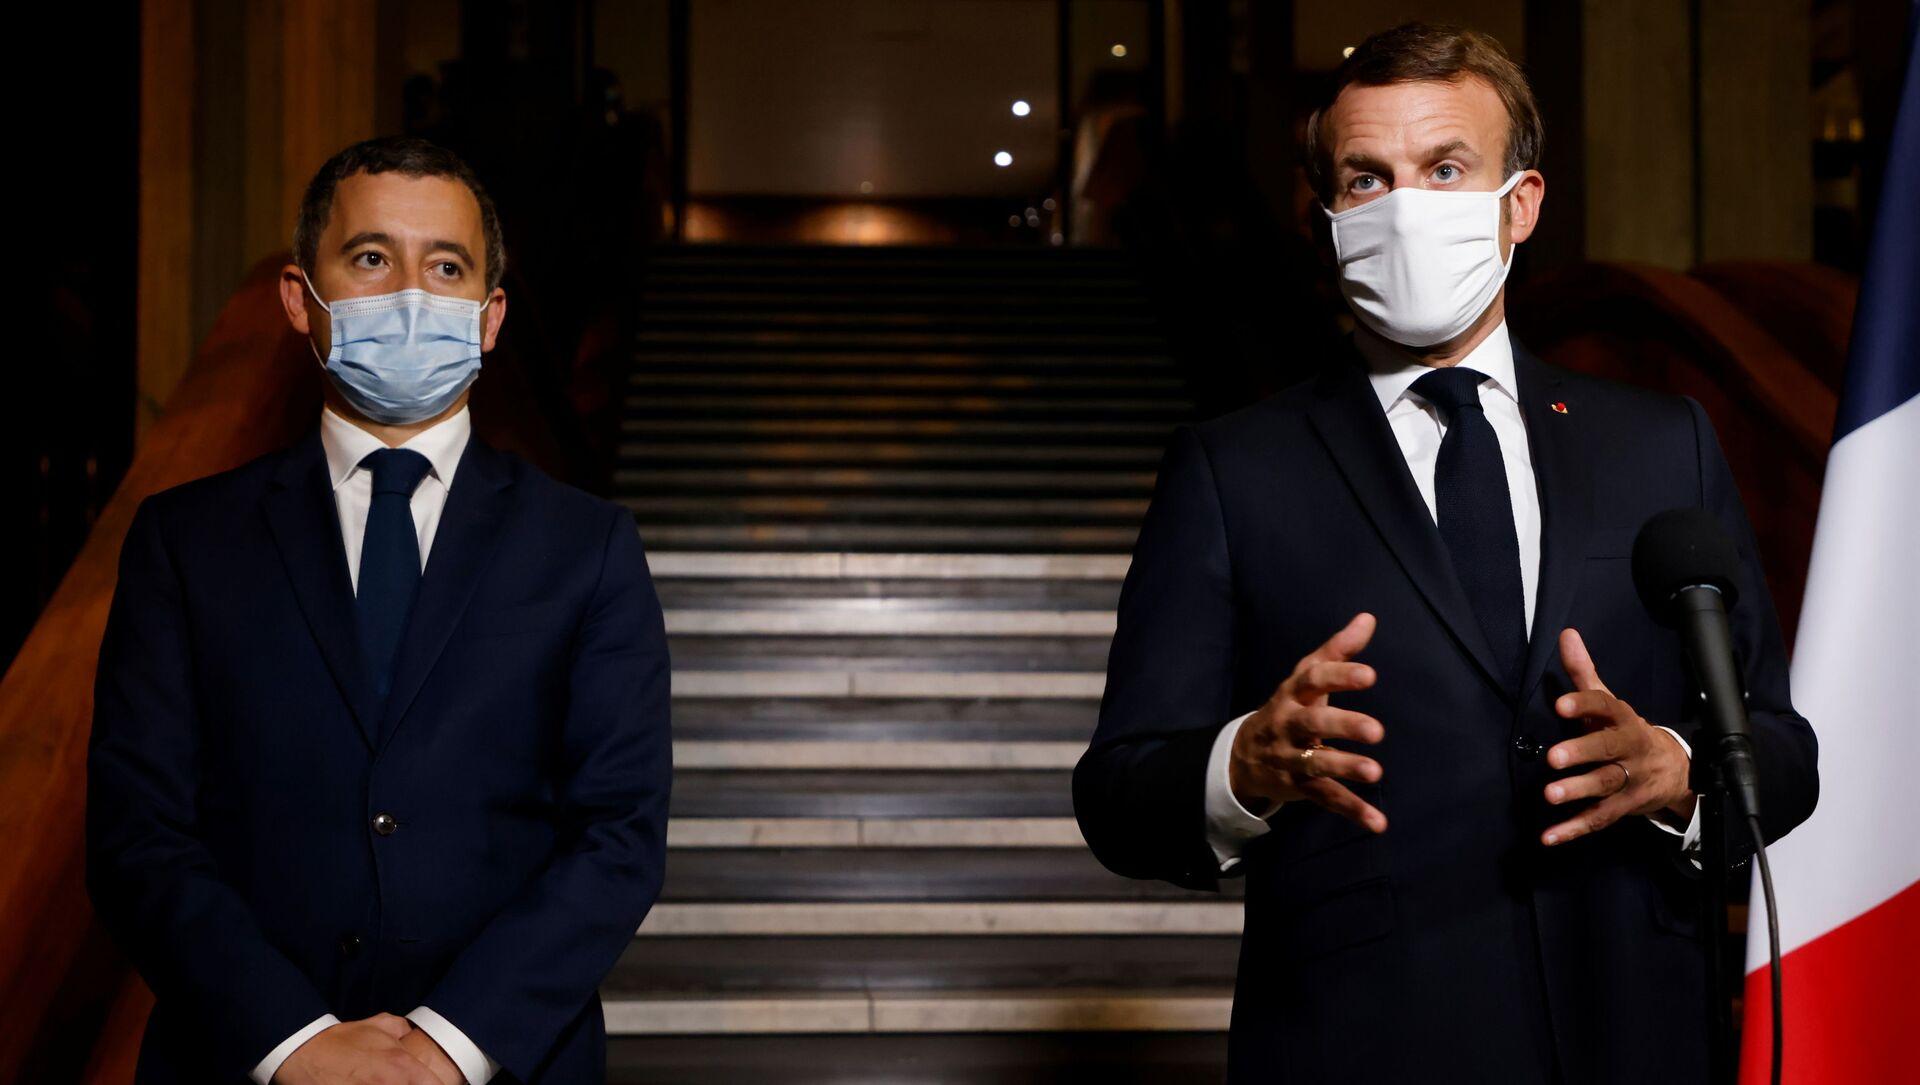 Gerald Darmanin ile Emmanuel Macron (sağda) - Sputnik Türkiye, 1920, 01.04.2021